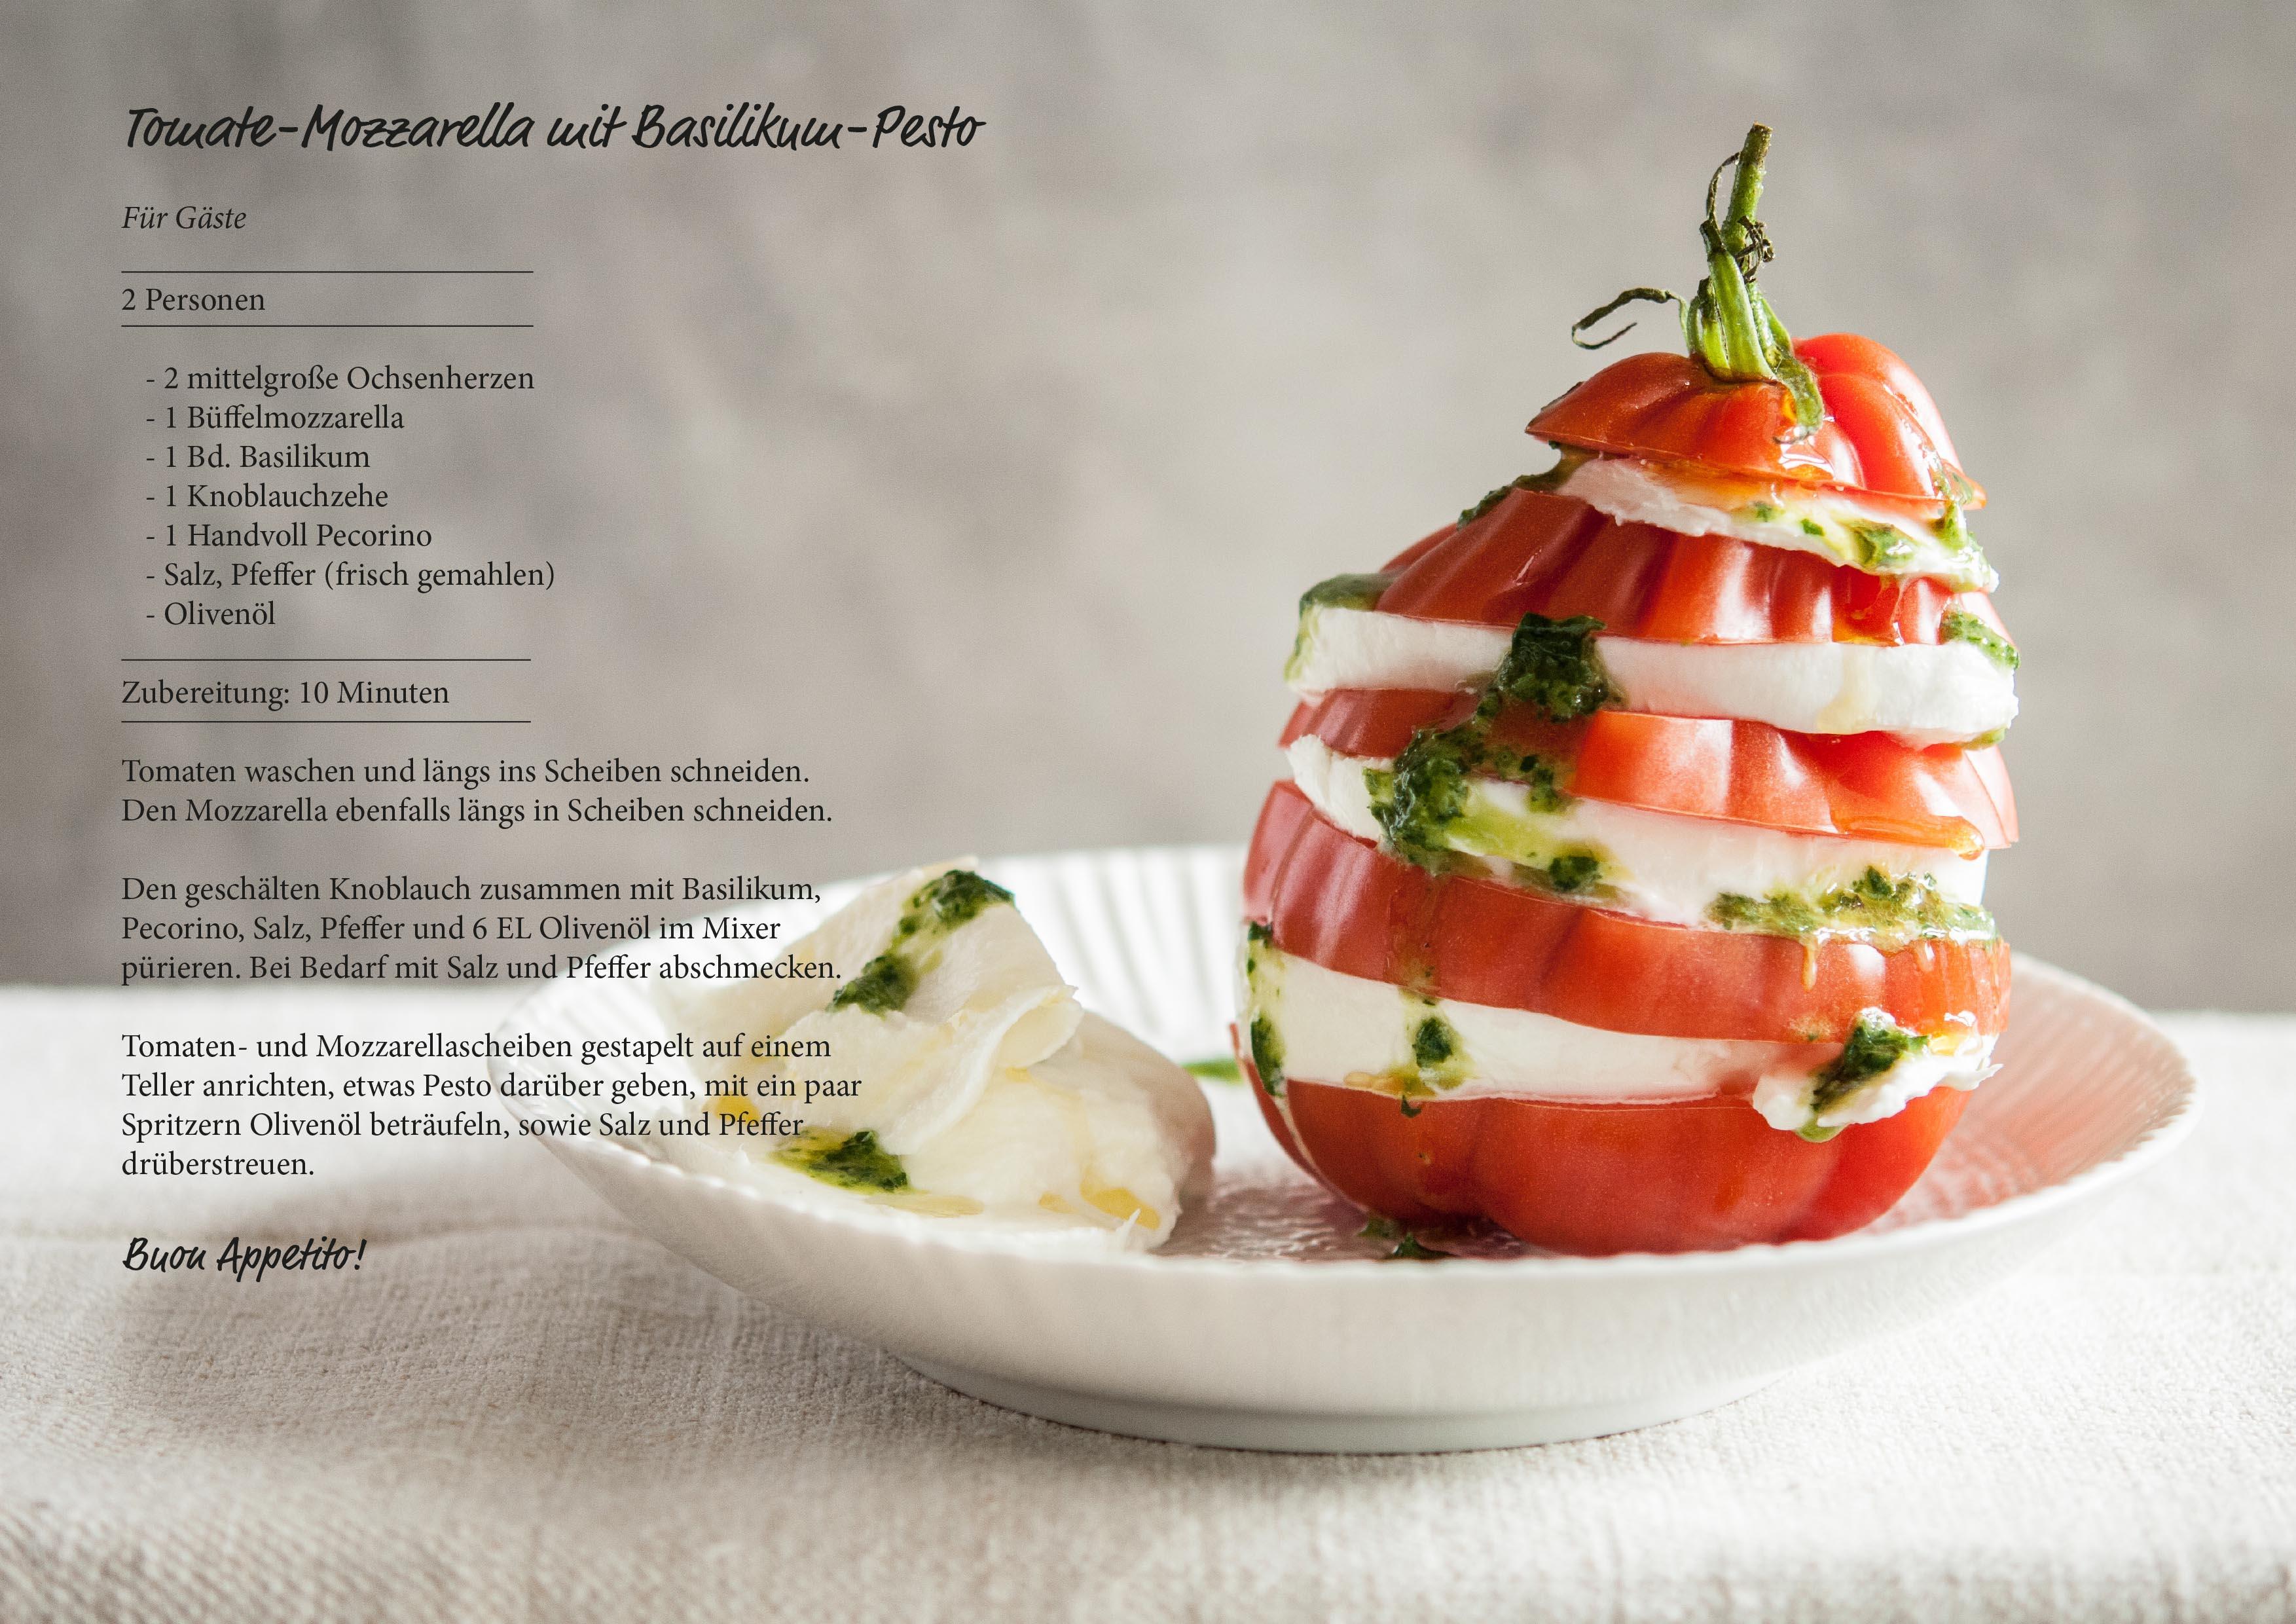 foodographie | Tomate_Mozzarella_Rezept | Torsten Fleischer